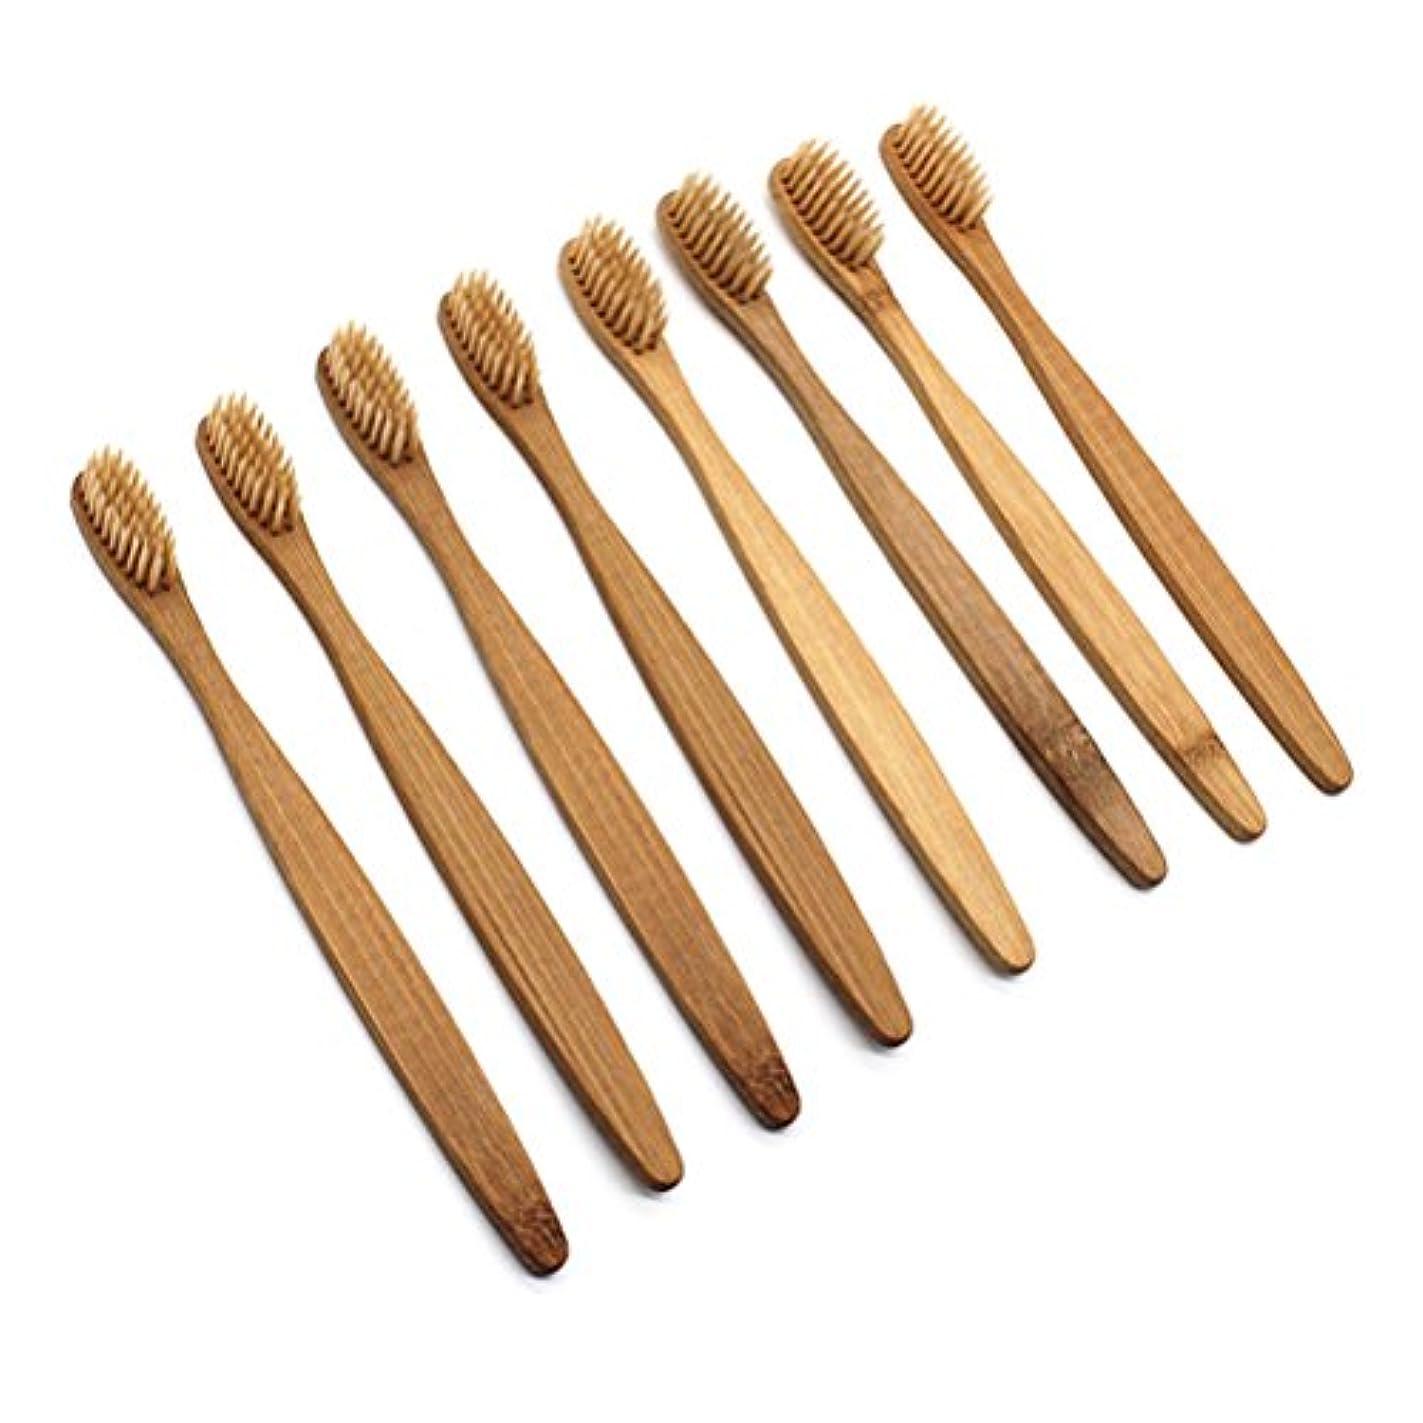 上回るサスペンドペチコートHeallily 敏感な歯茎のための柔らかい剛毛が付いているタケ歯ブラシ16pcsの自然な木の歯ブラシ環境に優しい歯ブラシ